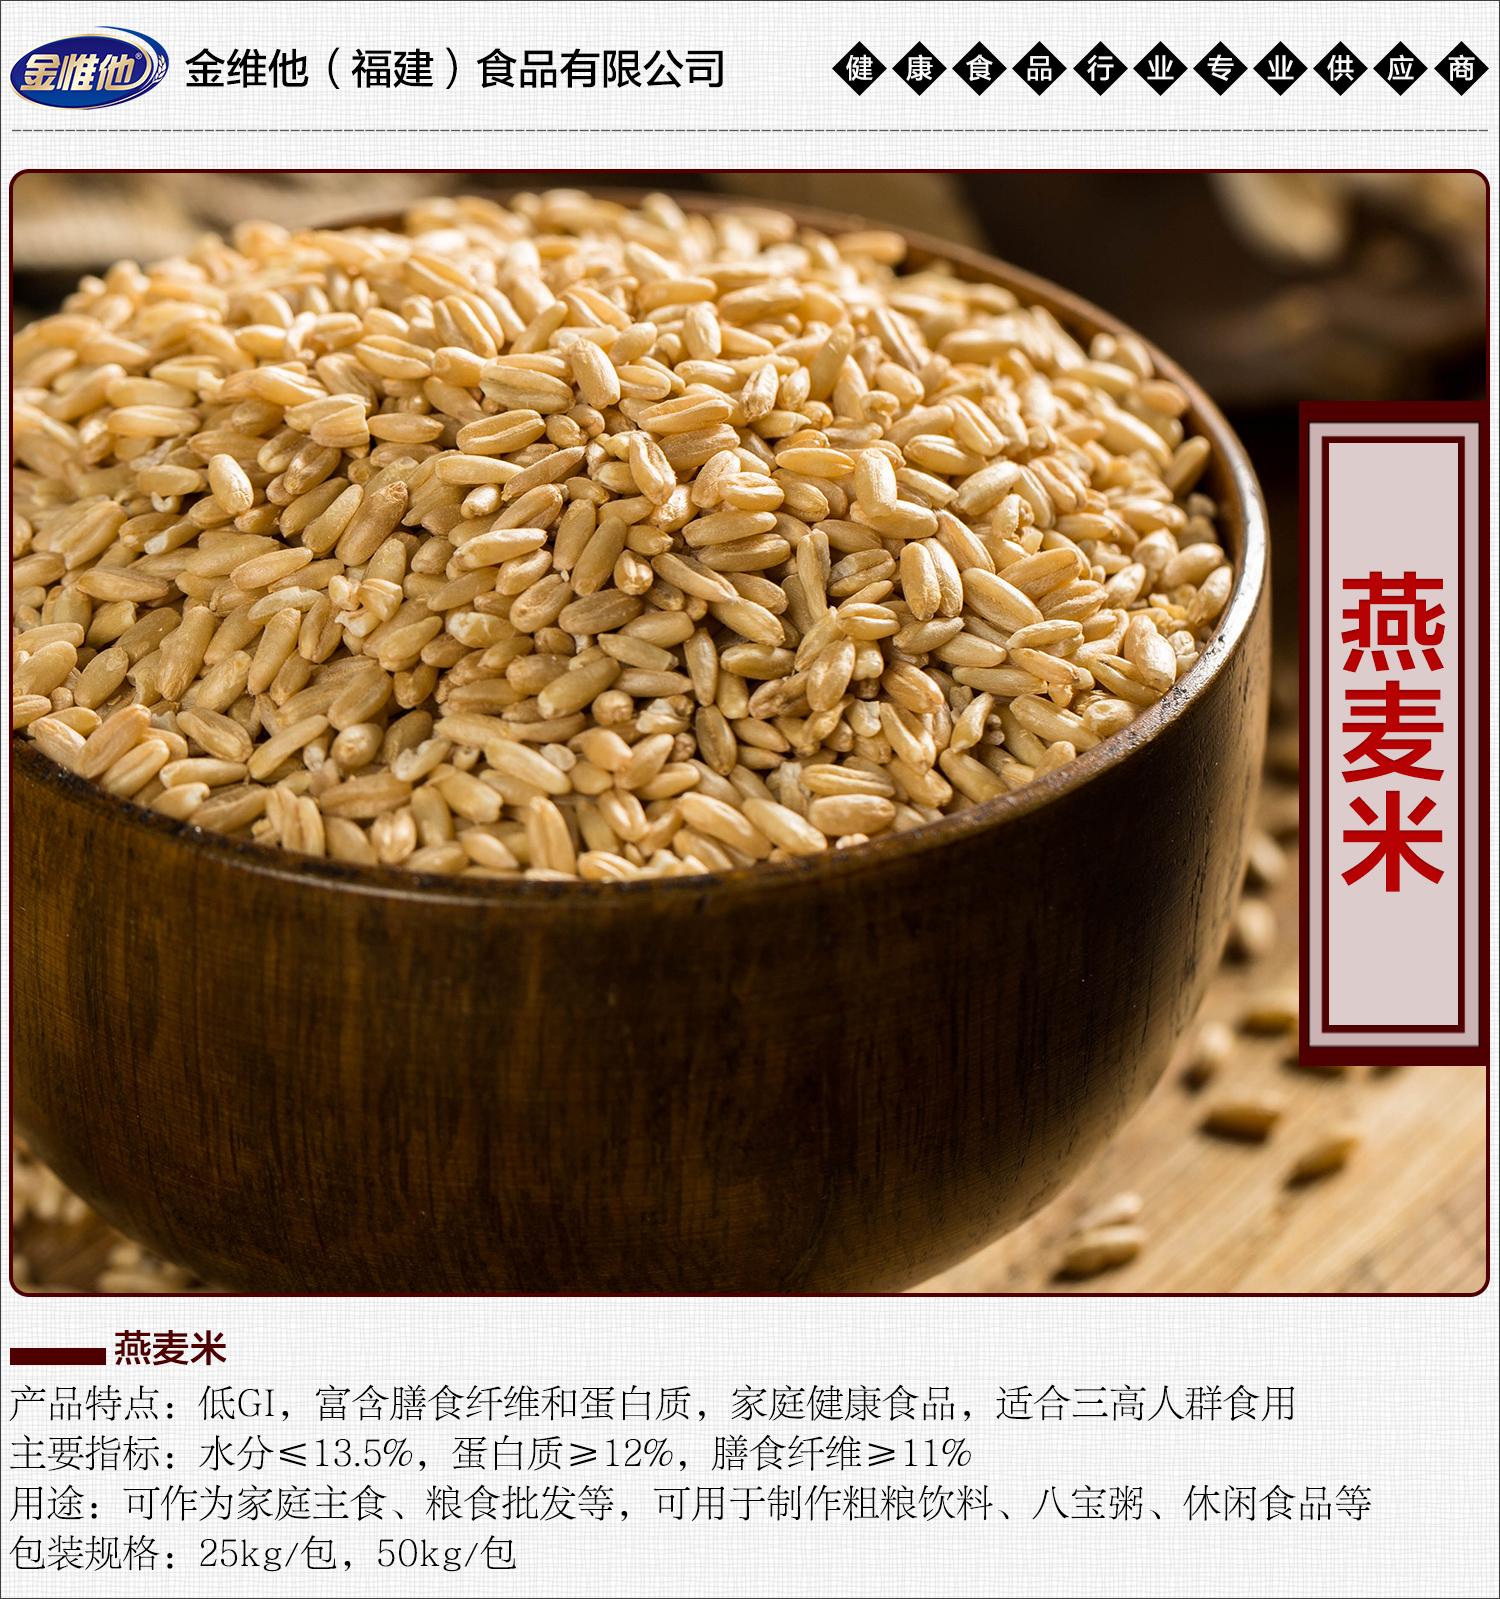 1-燕麦米